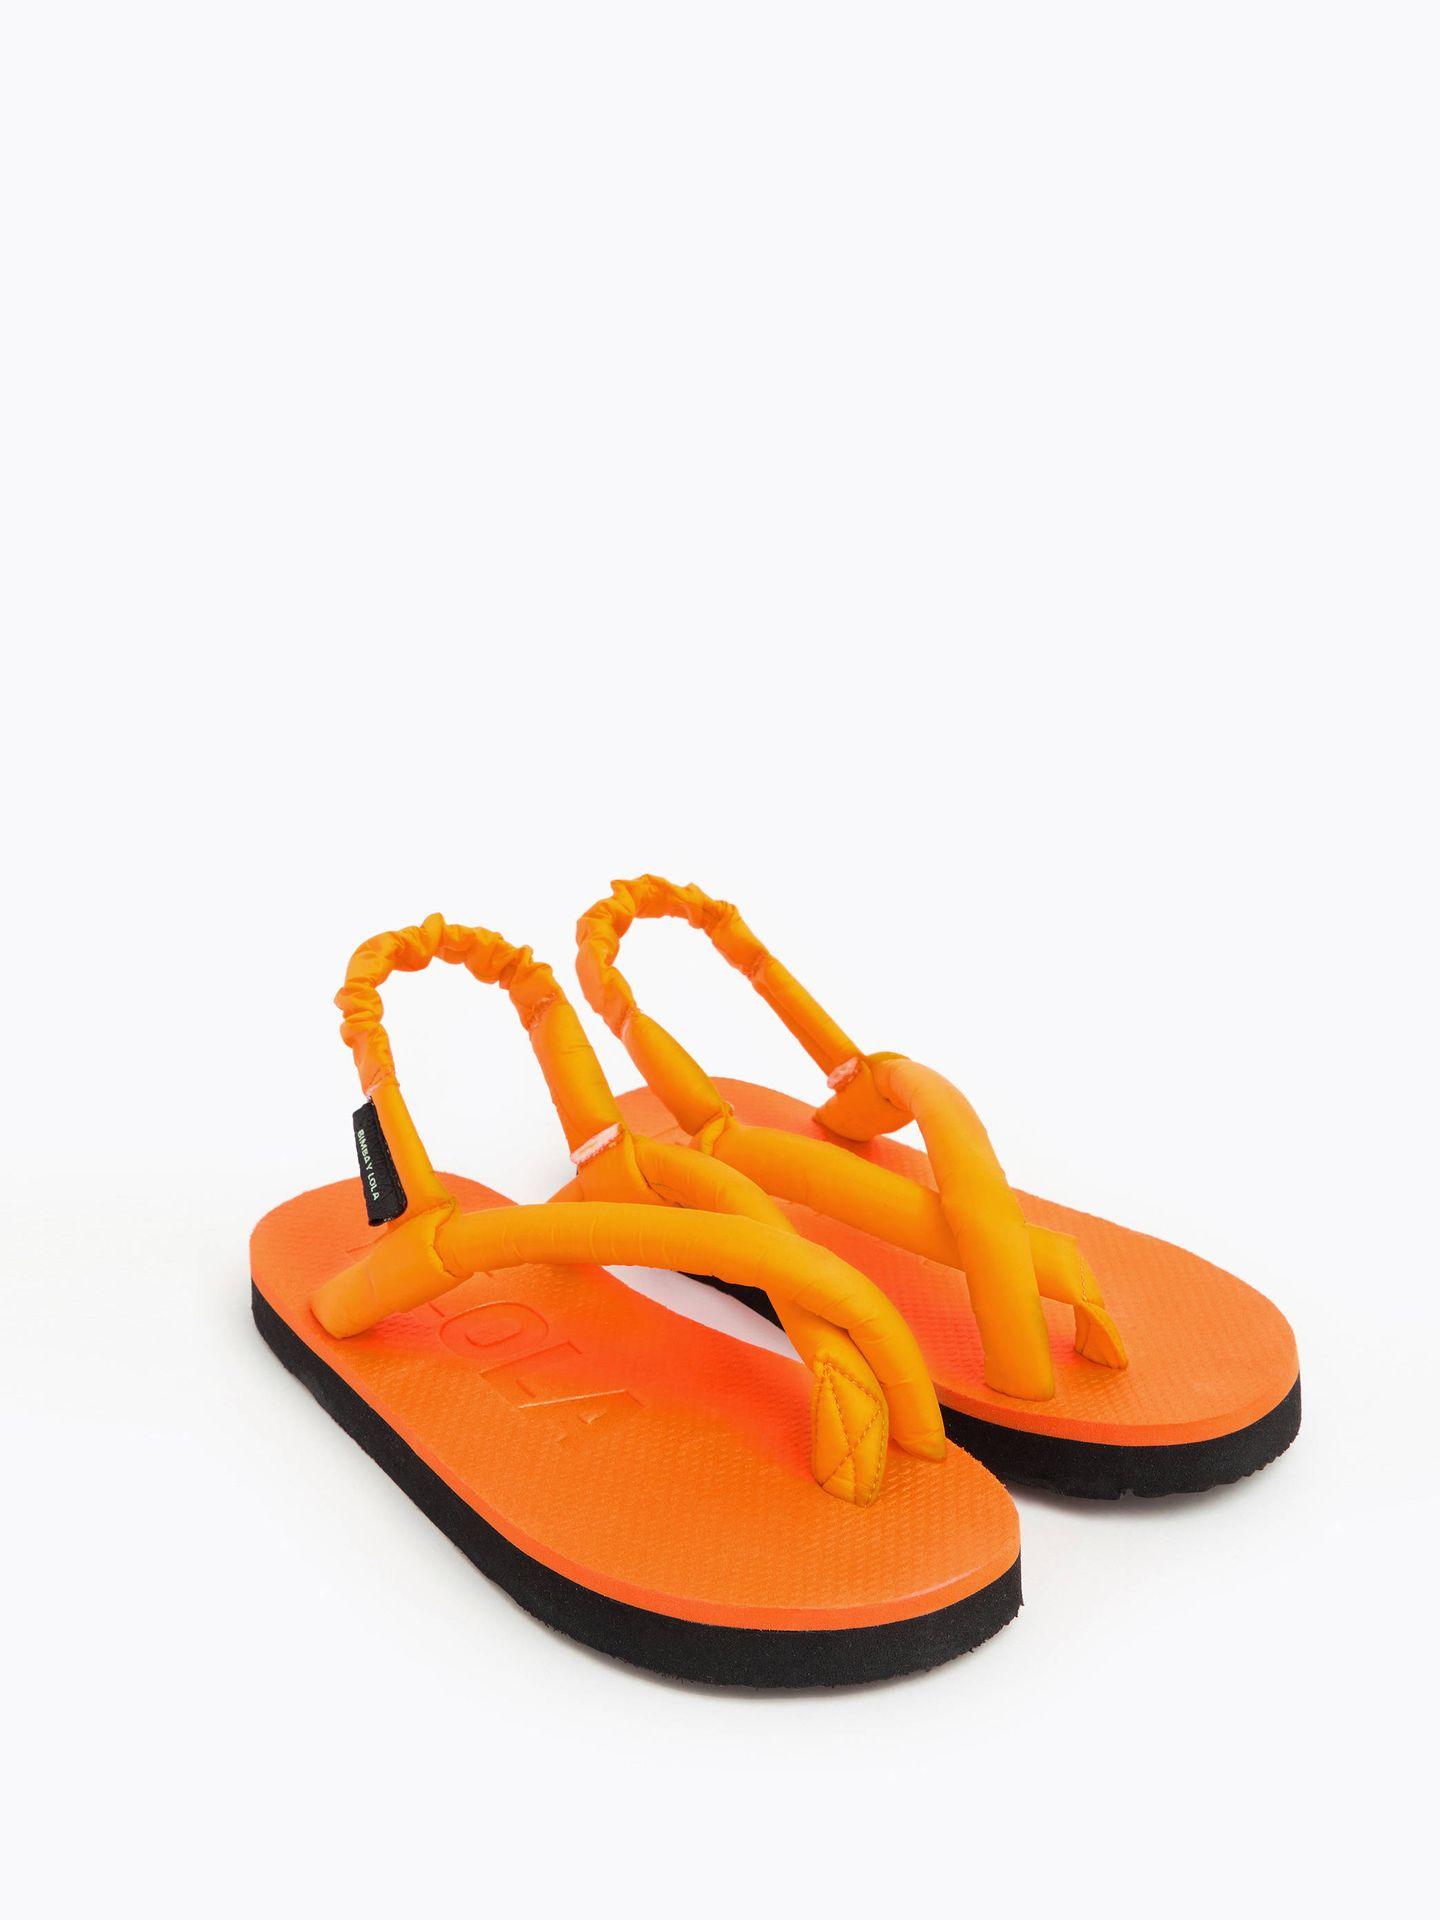 Sandalias de Bimba y Lola. (Cortesía)